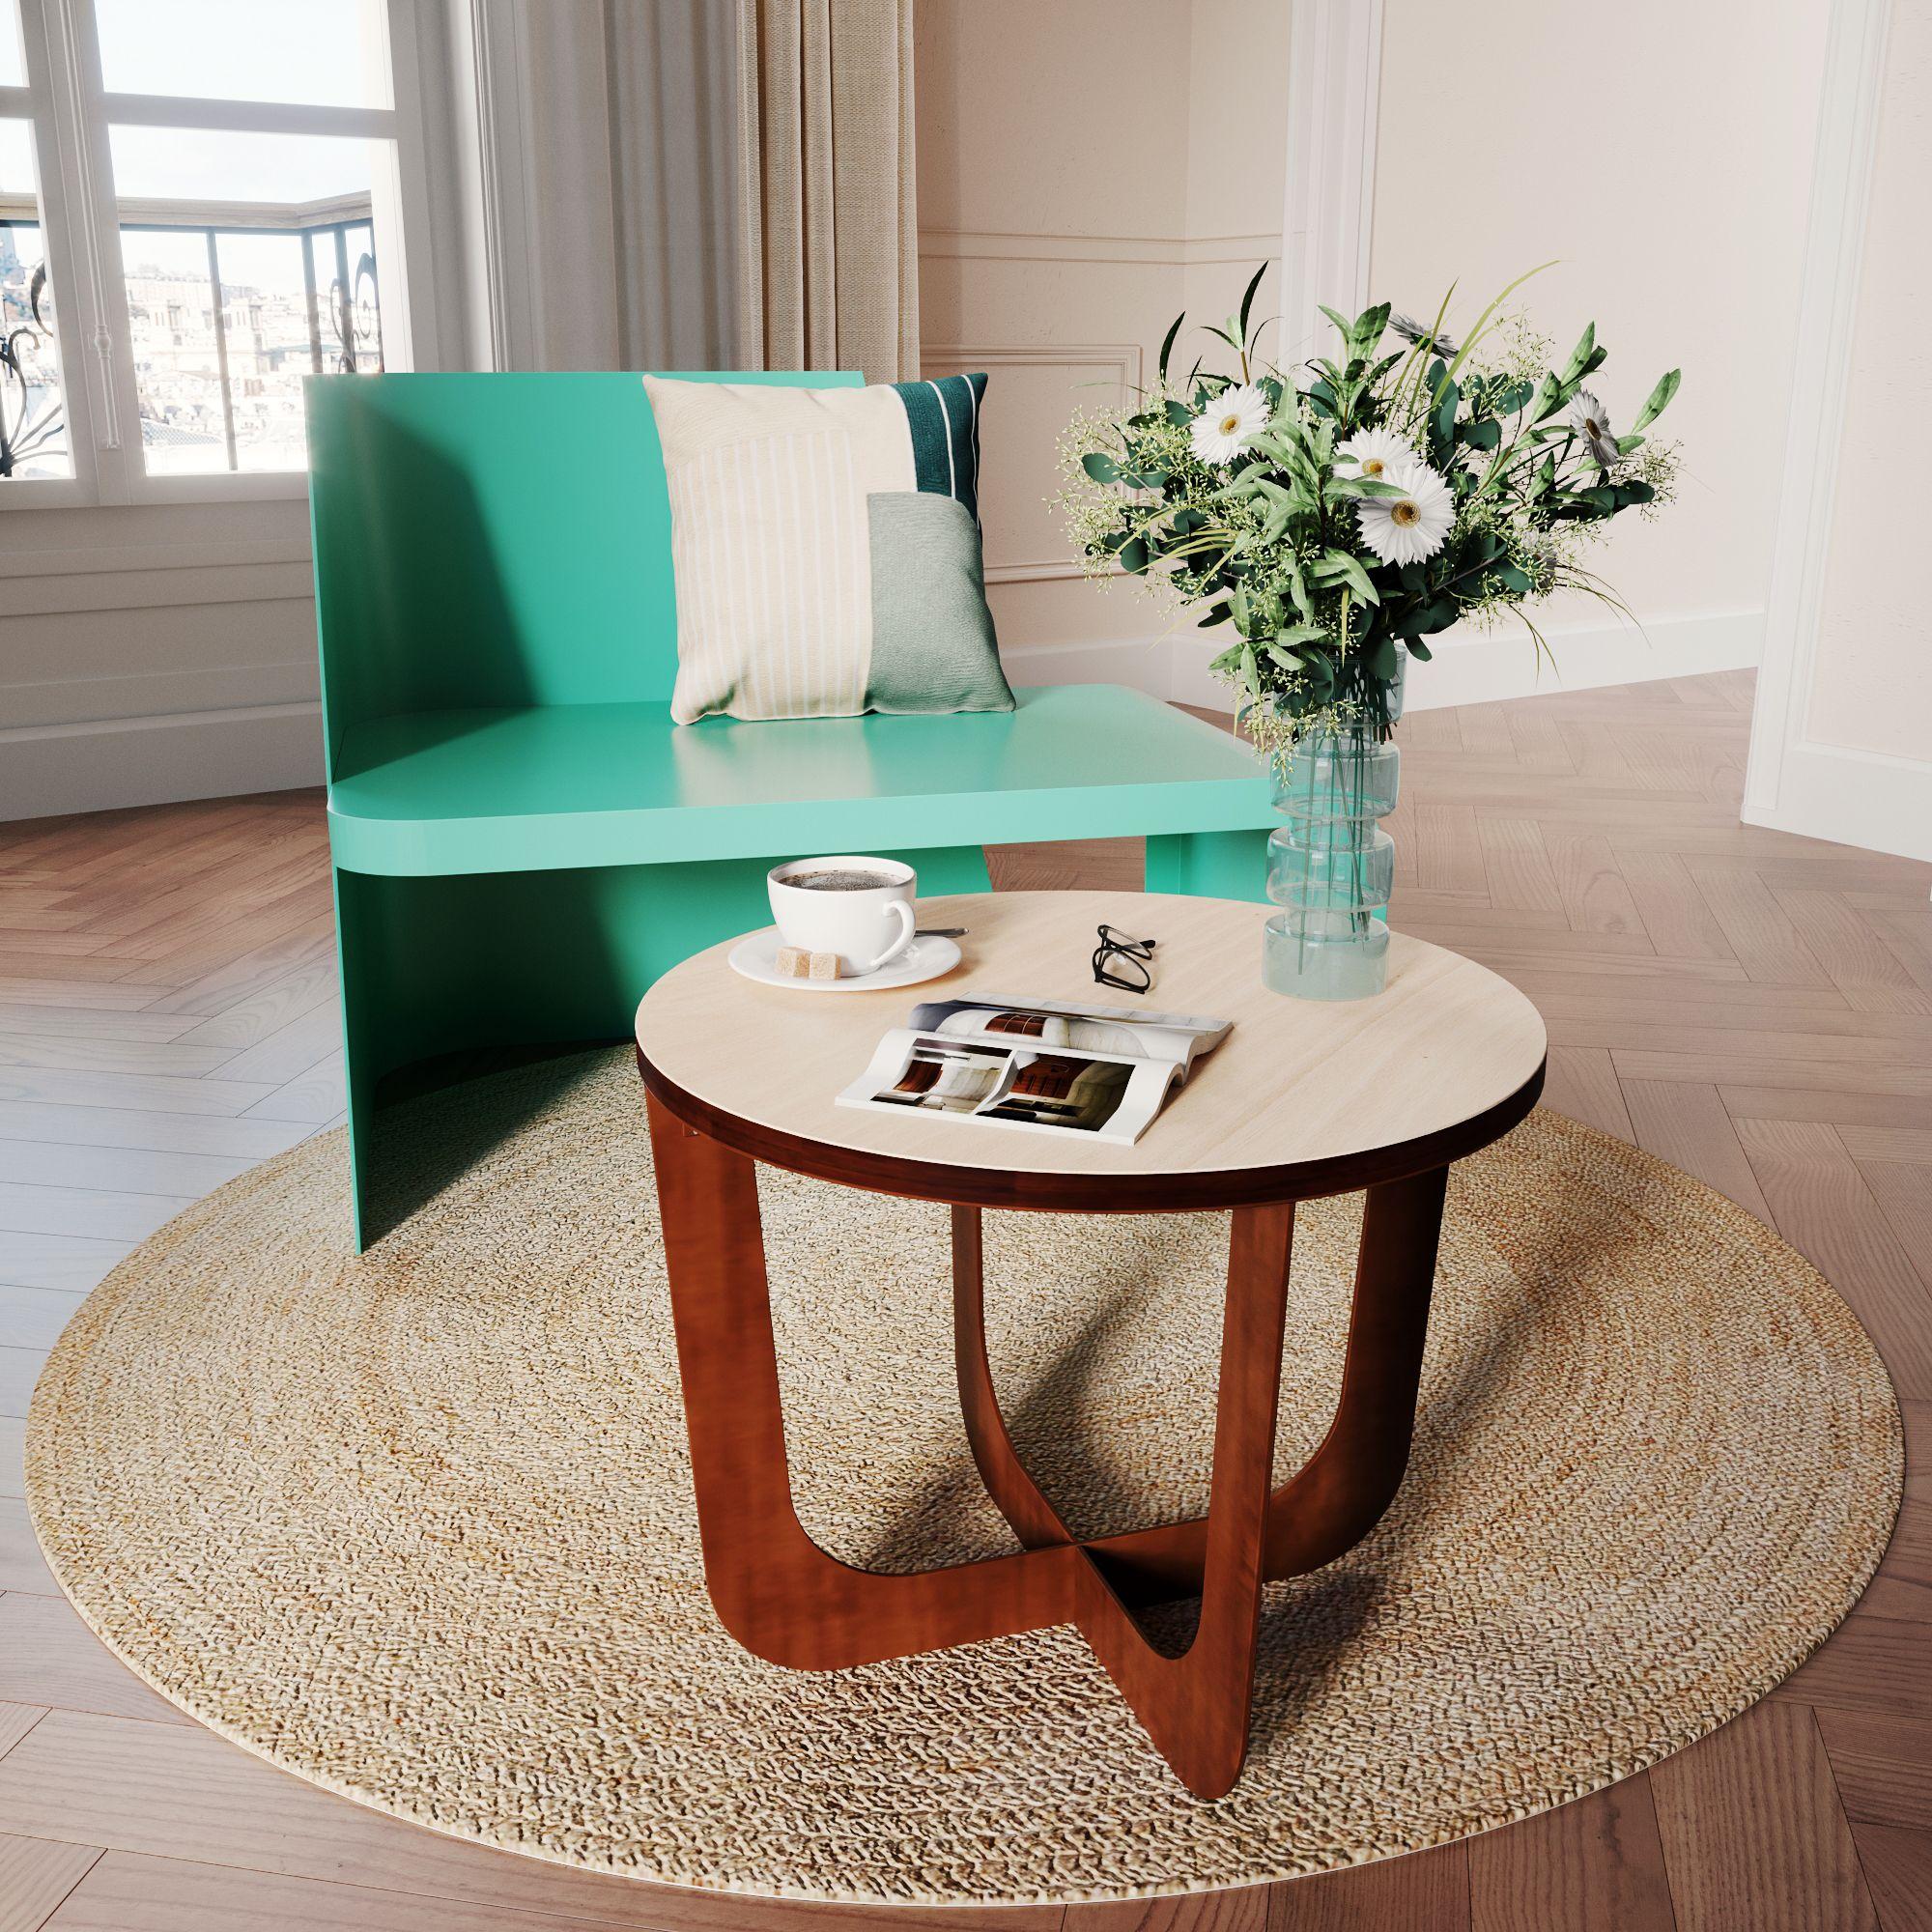 Table Basse Design En Bois En 2020 Table Basse Design Mobilier De Salon Collection